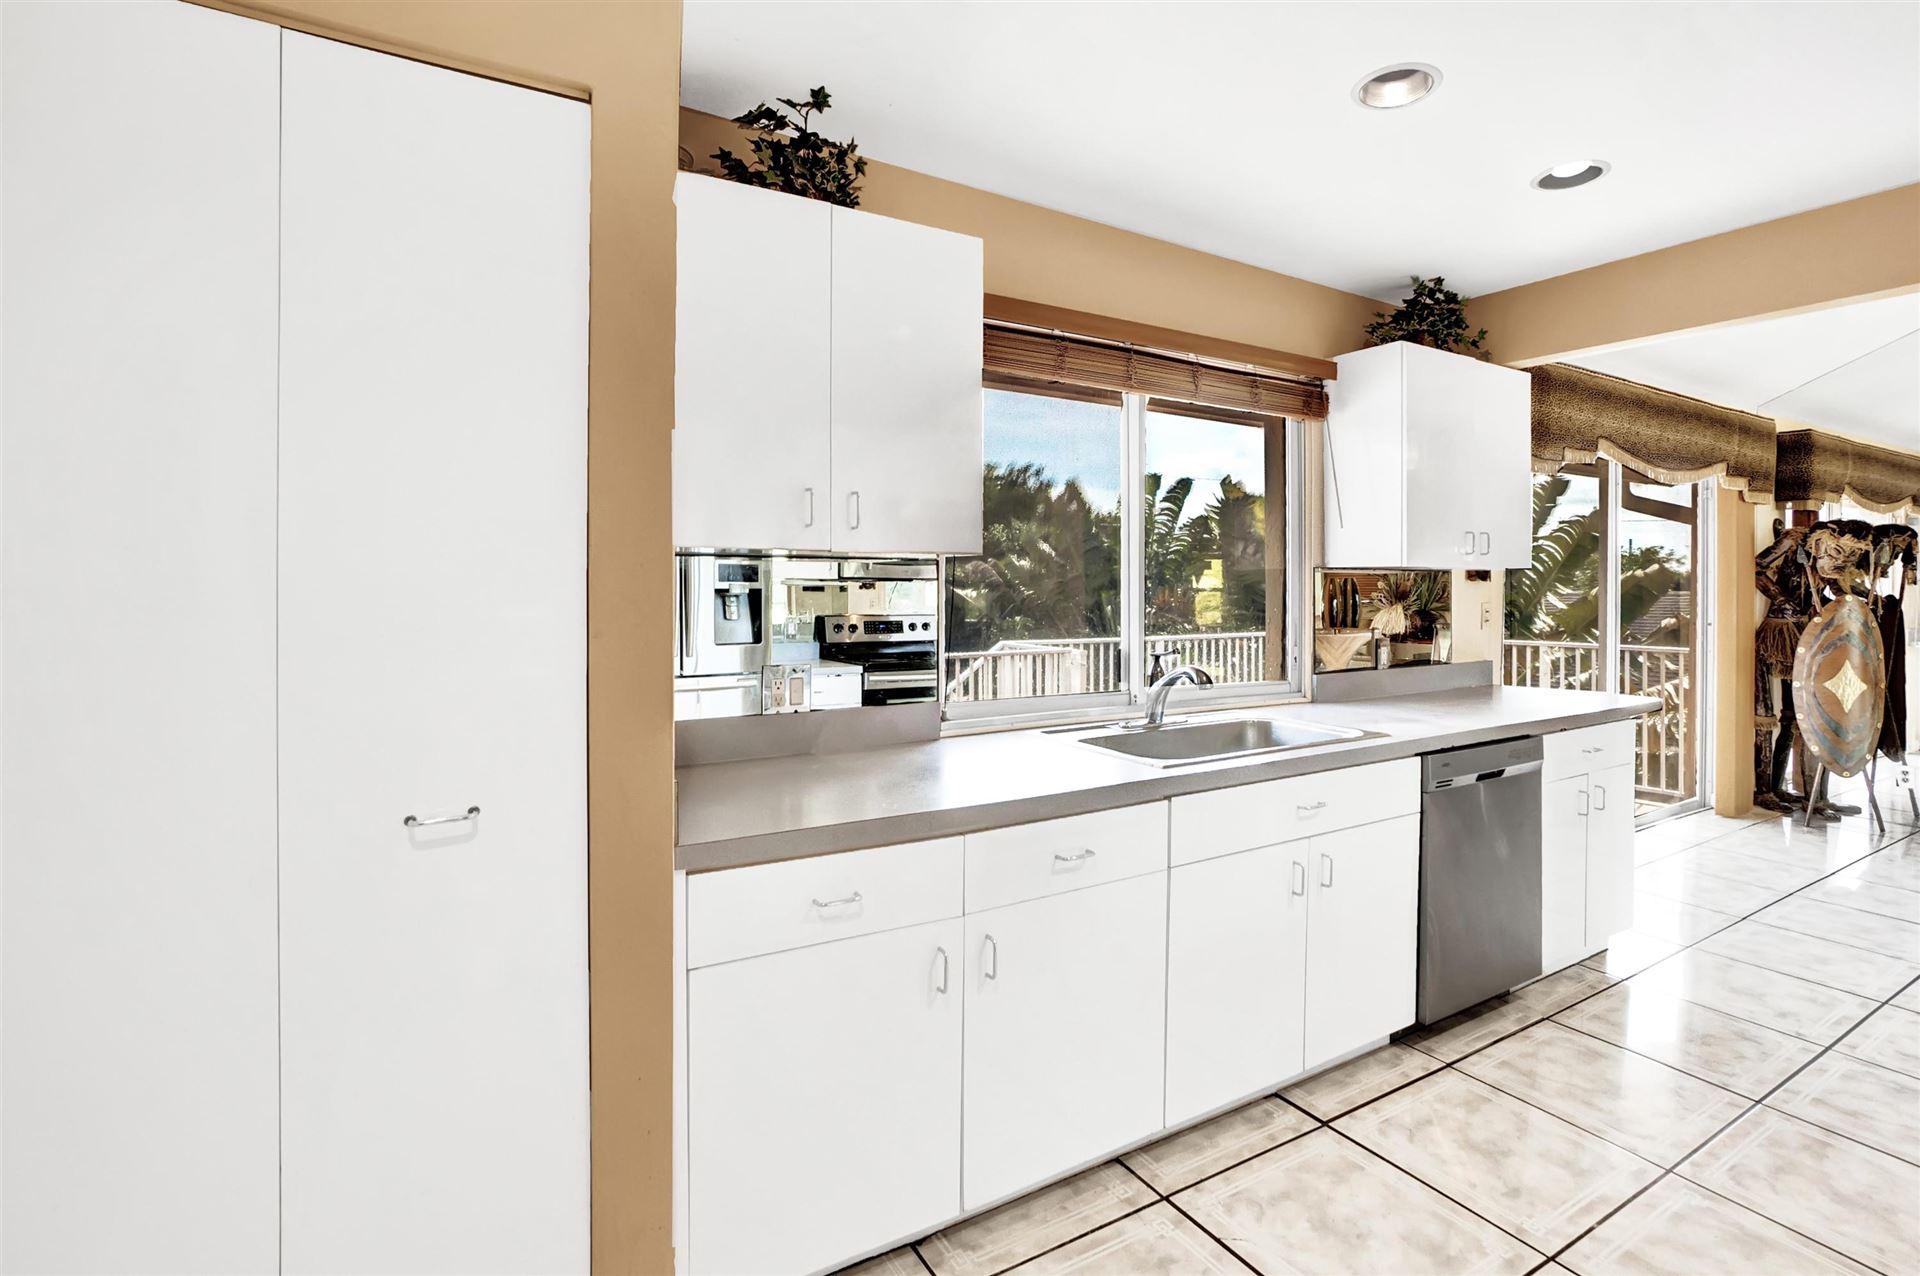 Photo of 1460 SW 24th Terrace, Deerfield Beach, FL 33442 (MLS # RX-10690850)